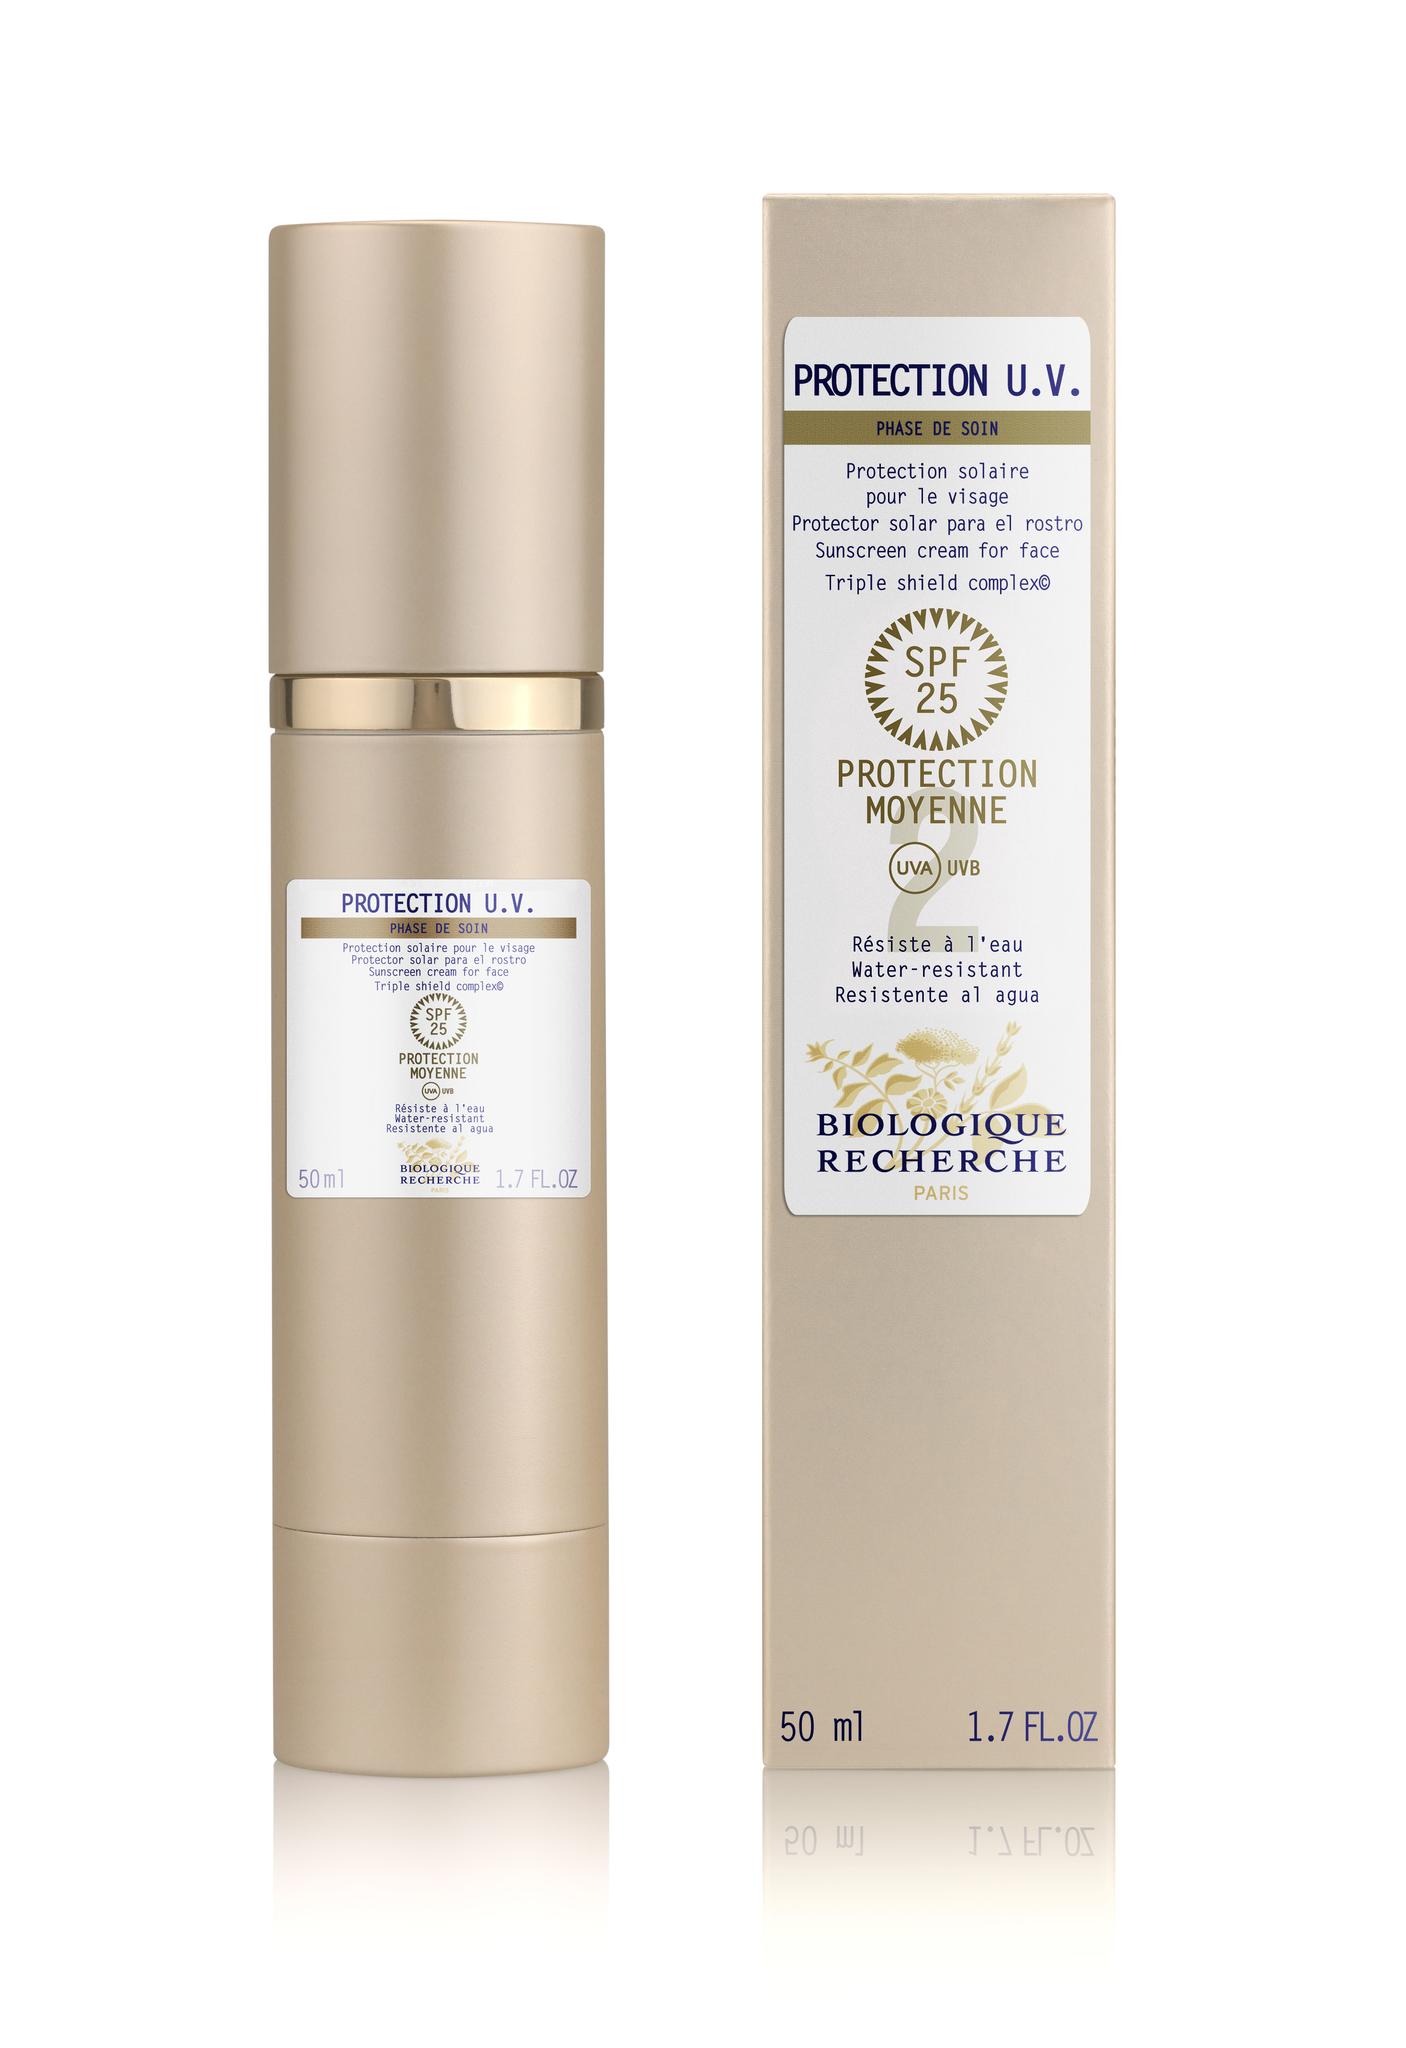 Крем-флюид для защиты от ультрафиолетового излучения BIOLOGIQUE RECHERCHE Protection UV 50 мл